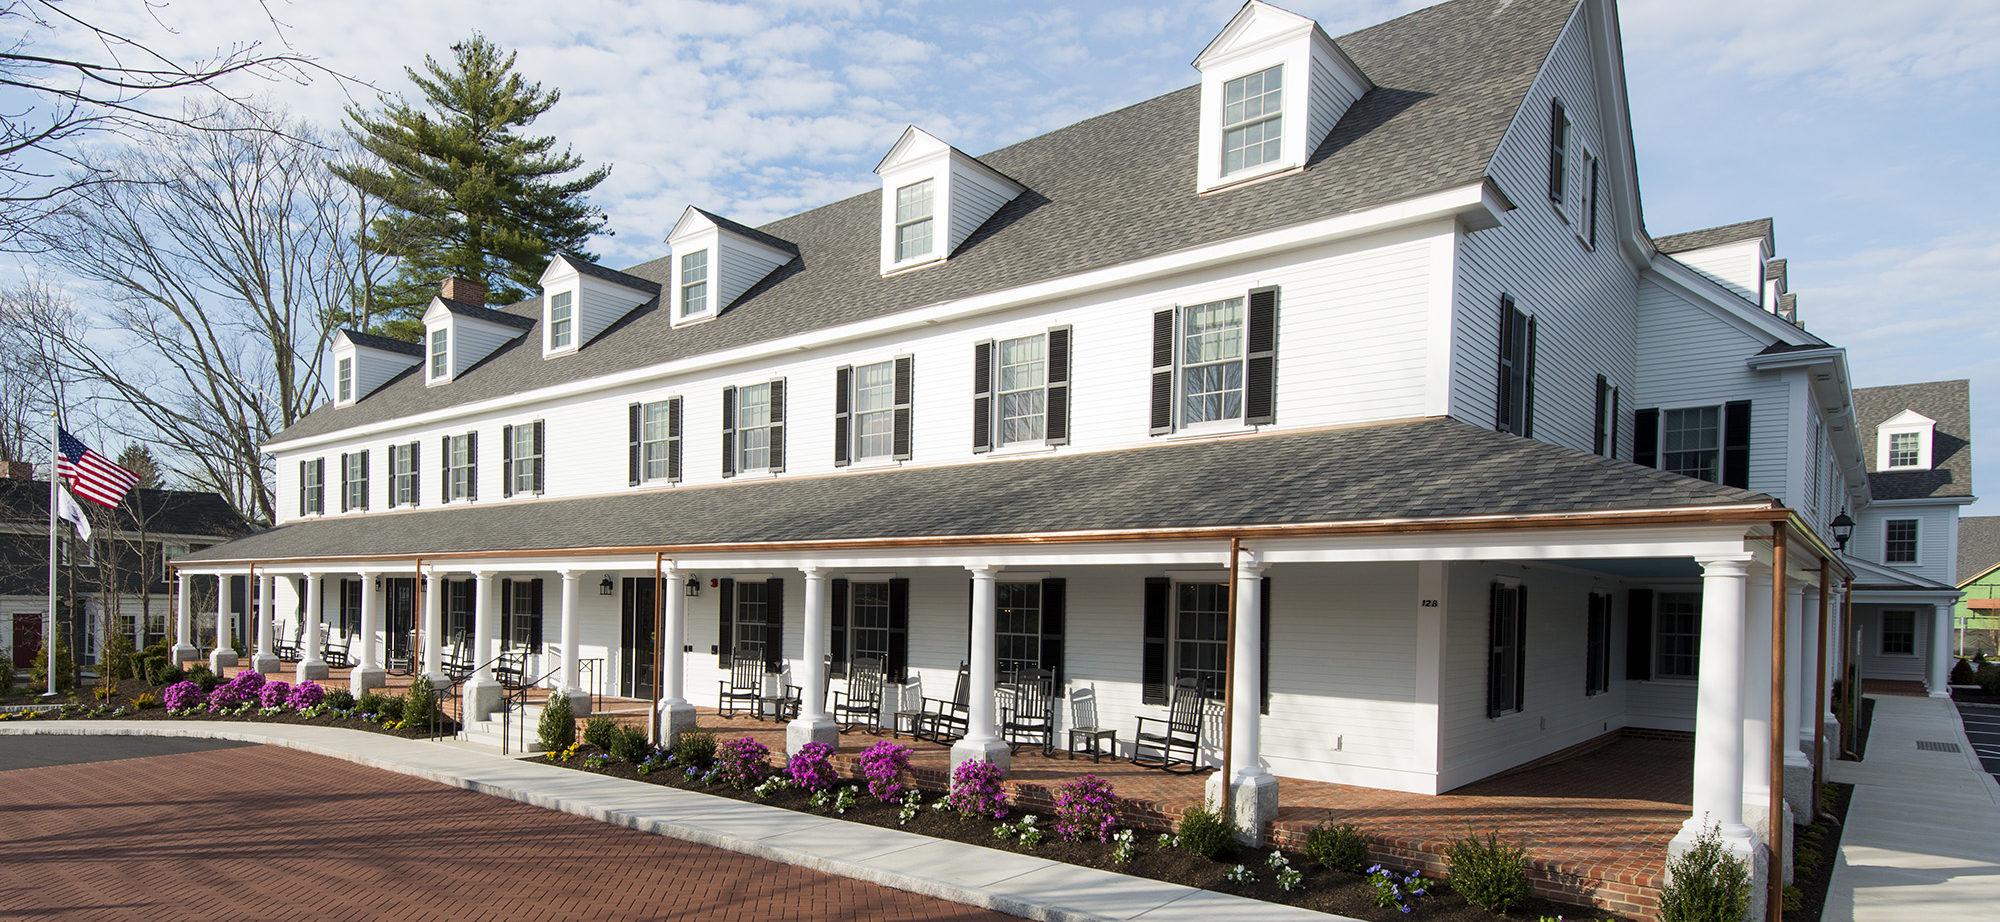 The Groton Inn